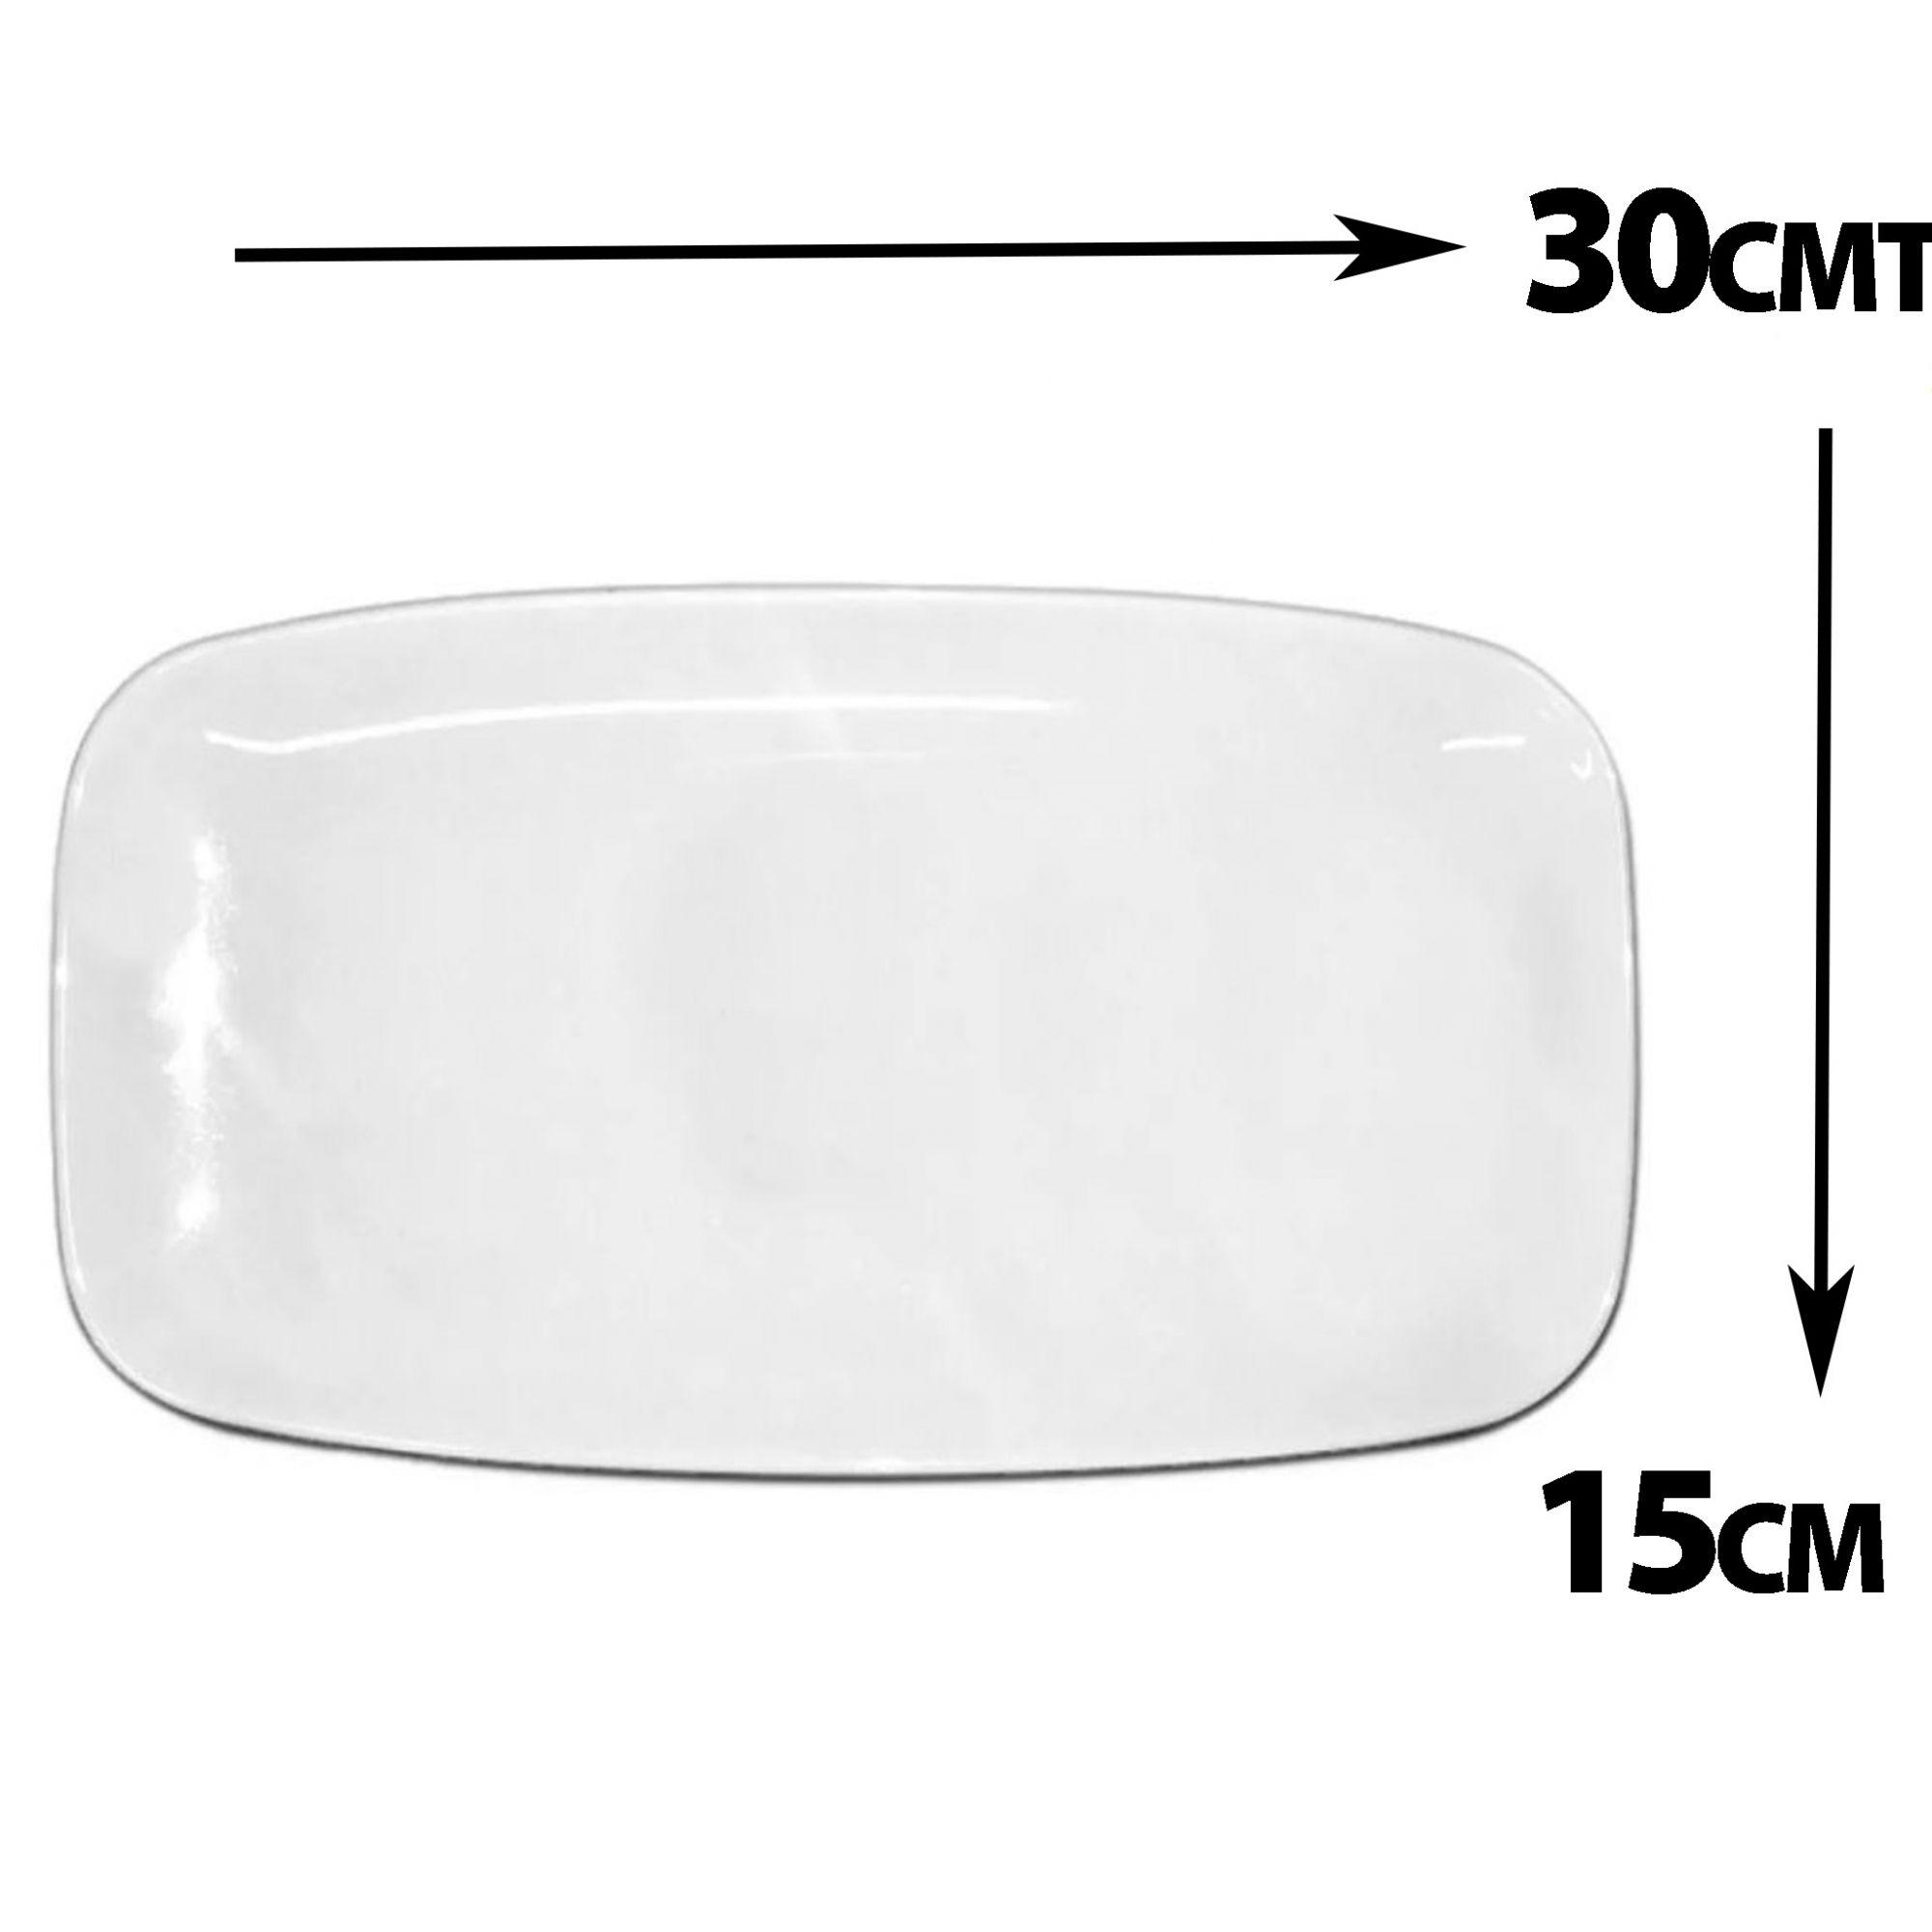 Travessa Retangular Branca Melamina Premium 30x15cm